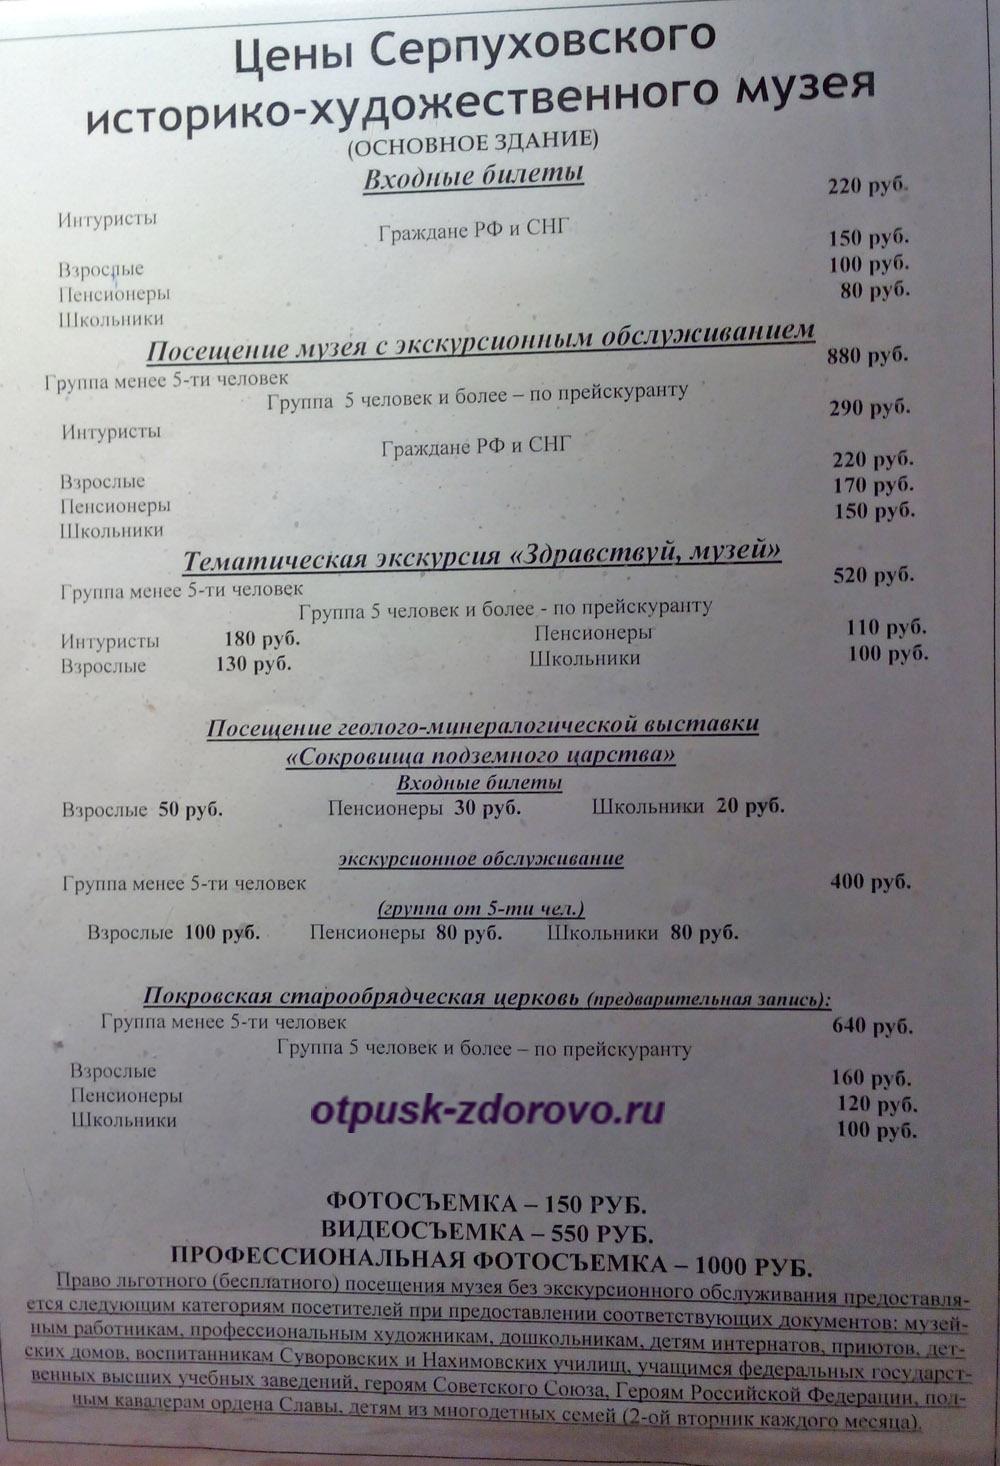 Прайс-лист, Историко-художественный музей, Серпухов